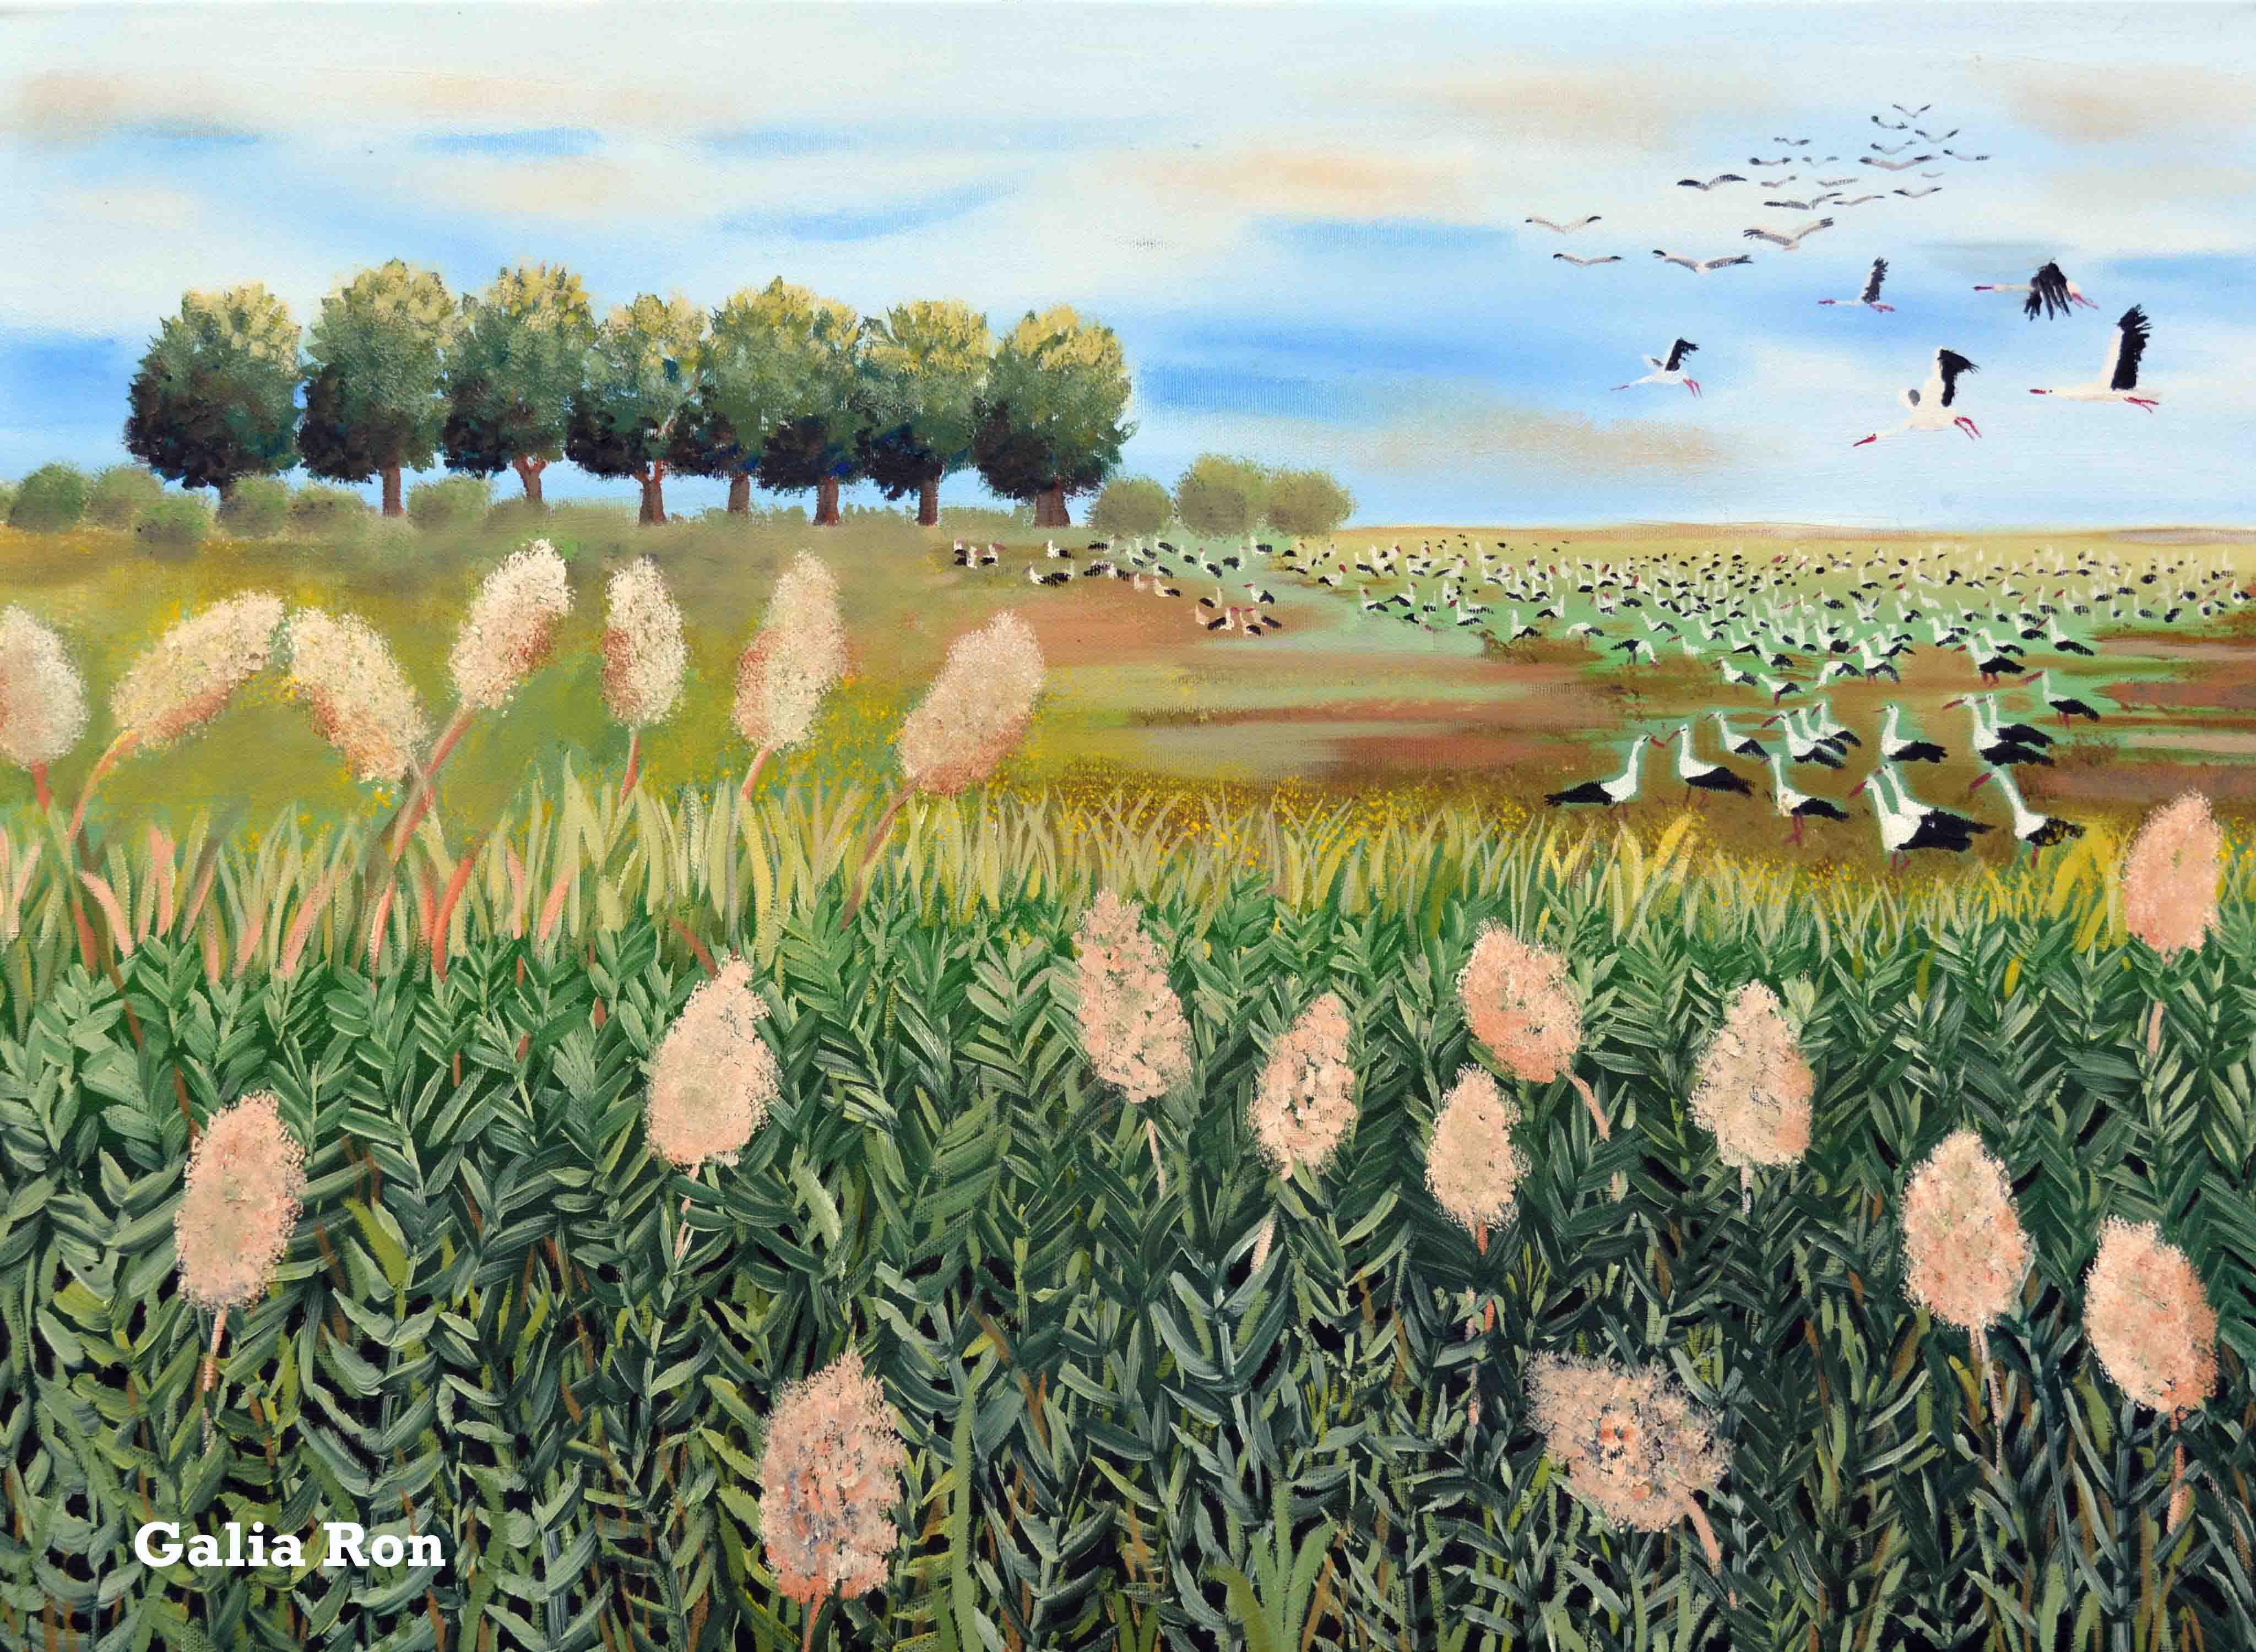 חסידות בשדה- גליה רון